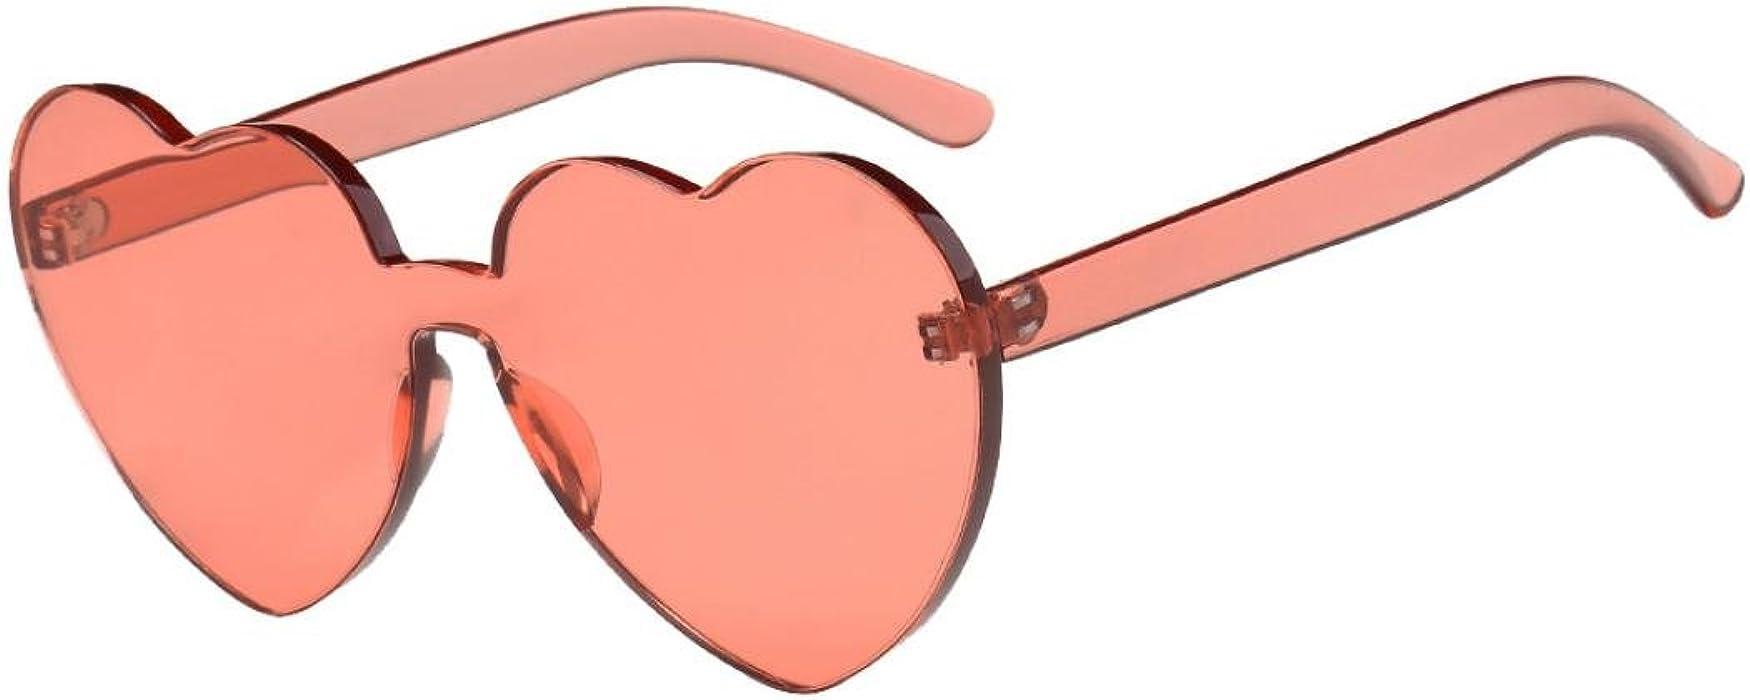 e90f07a9b66ba AIMEE7 Lunettes de Soleil pour Homme et Femme Vintage Eyewear Pas cher  Femme Rétro Candy Sunglasses